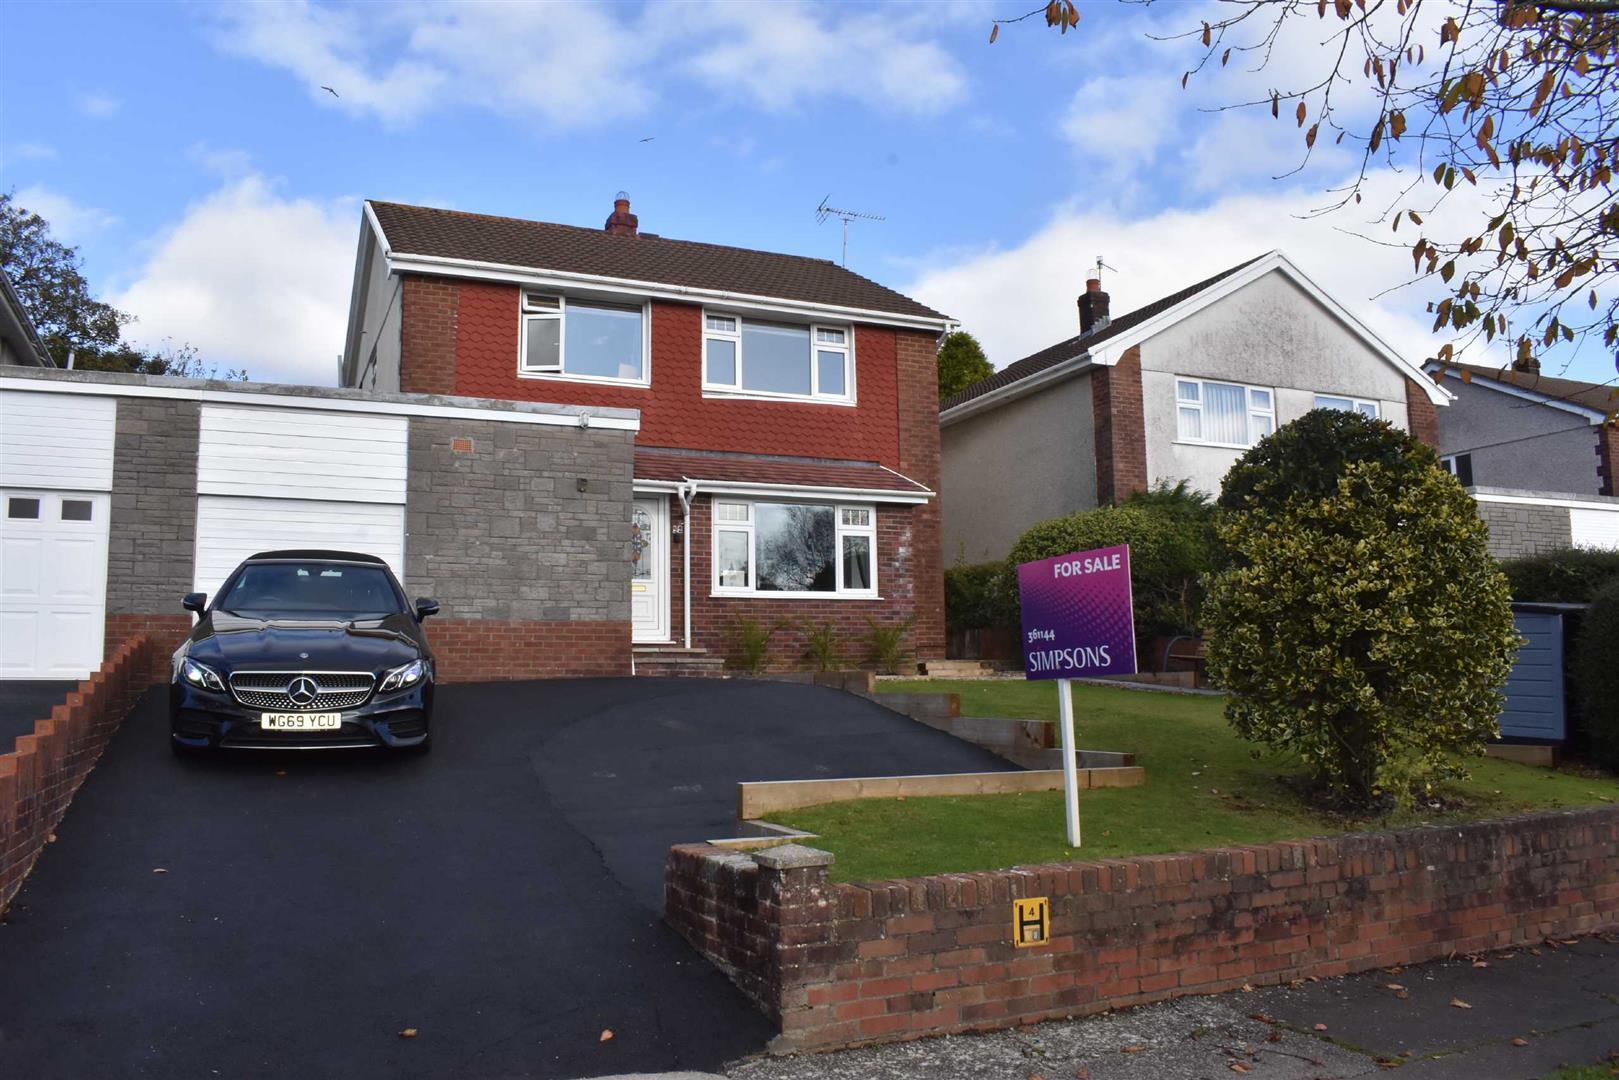 Rhyd Y Defaid Drive, Derwen Fawr, Swansea, SA2 8AN